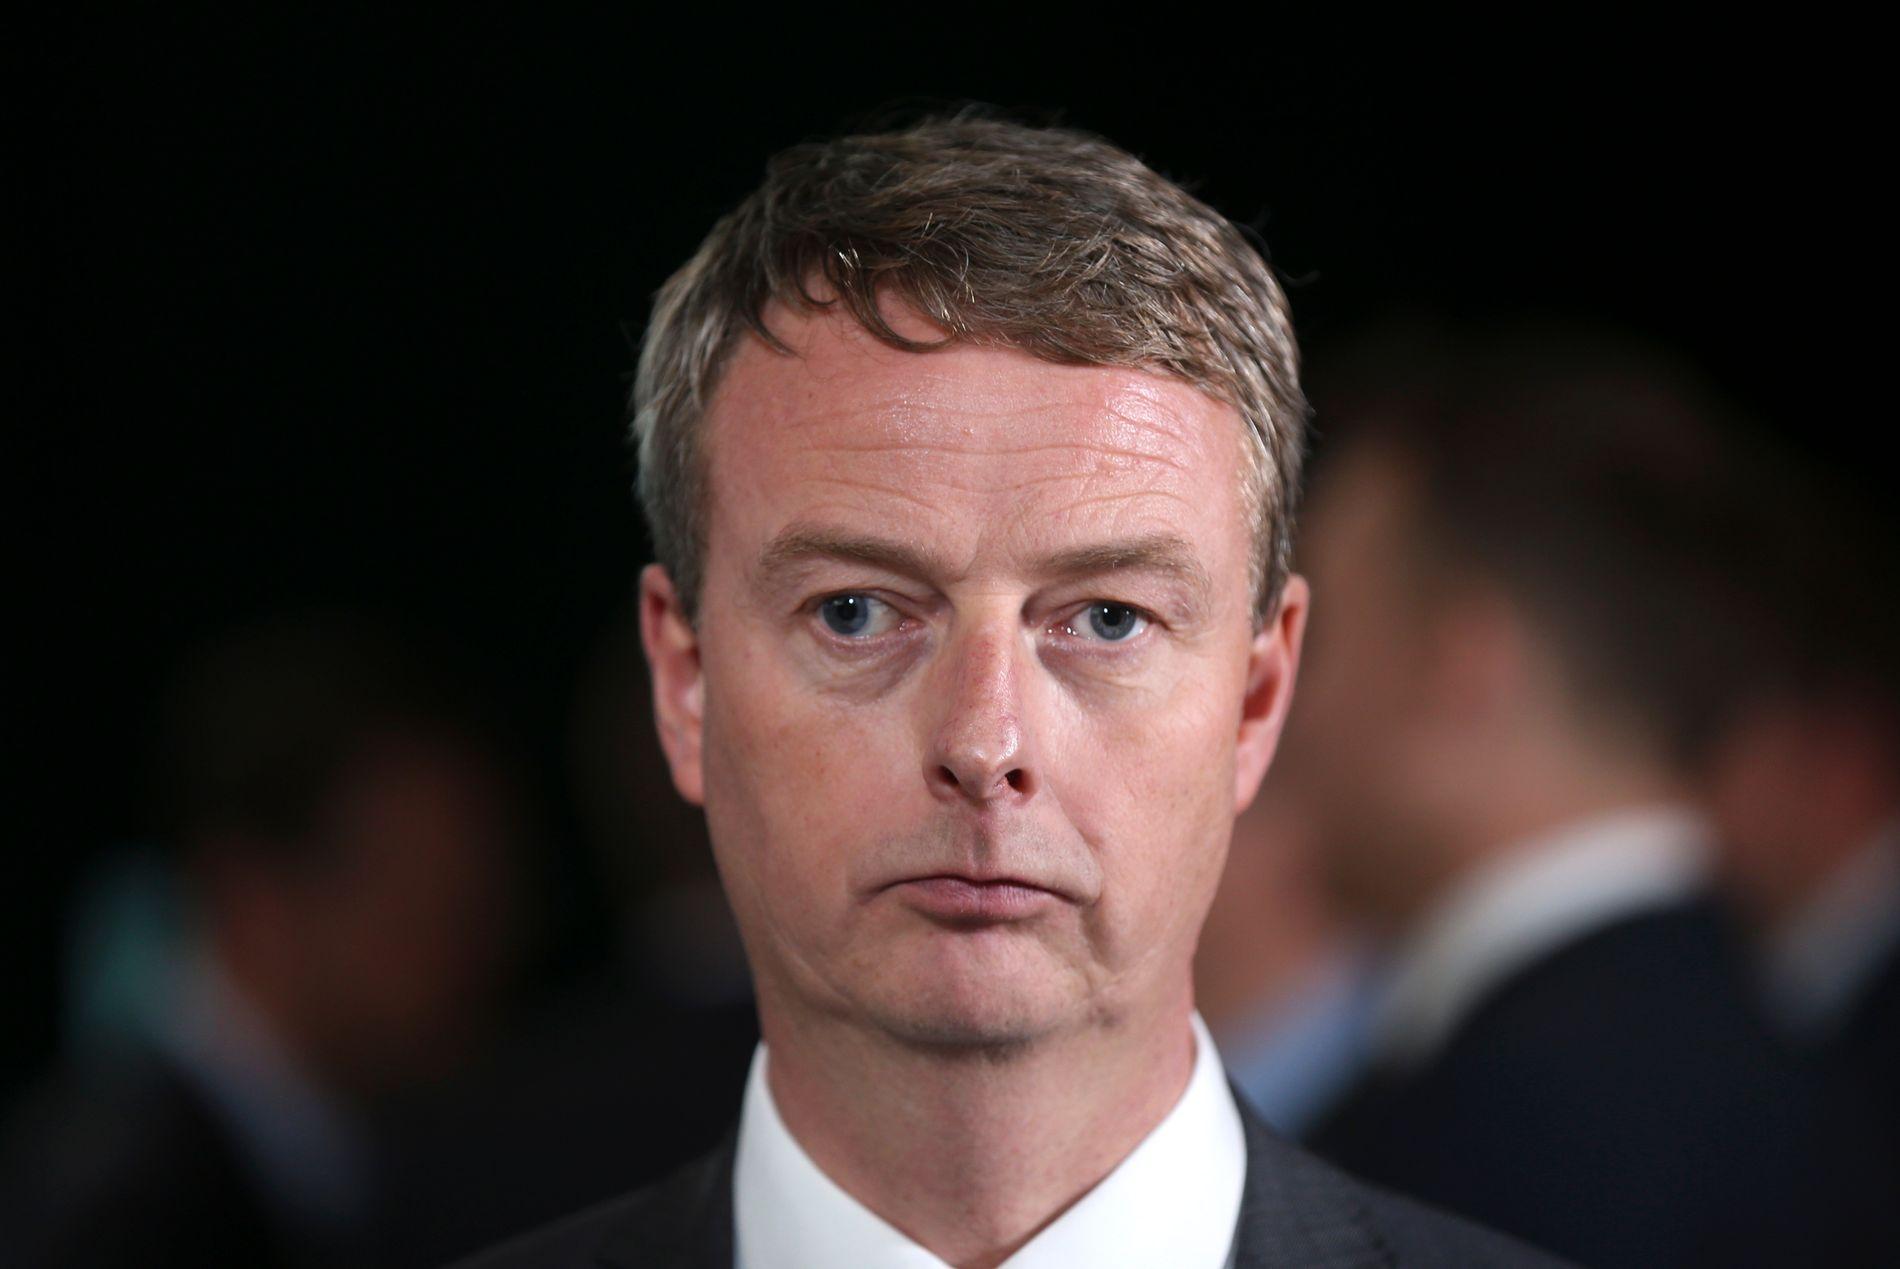 UTFORDRING: Innsenderen utfordrer olje- og energiminister Terje Søviknes (Frp) til å satse på fornybar energi.